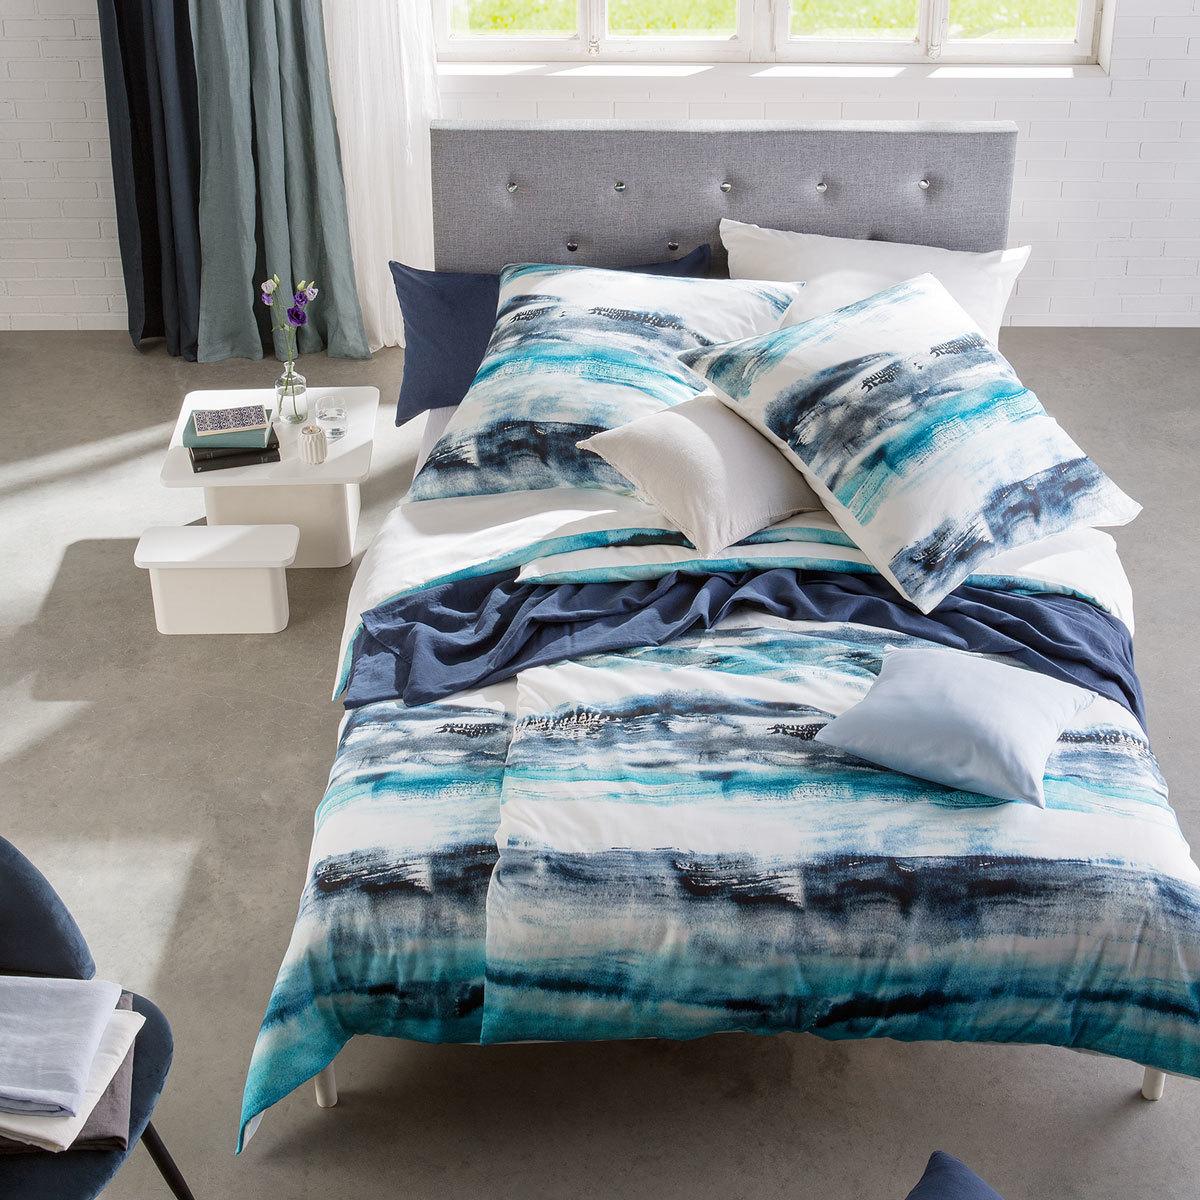 Mako Satin Bettwasche 155x220 Blau Preisvergleich Die Besten